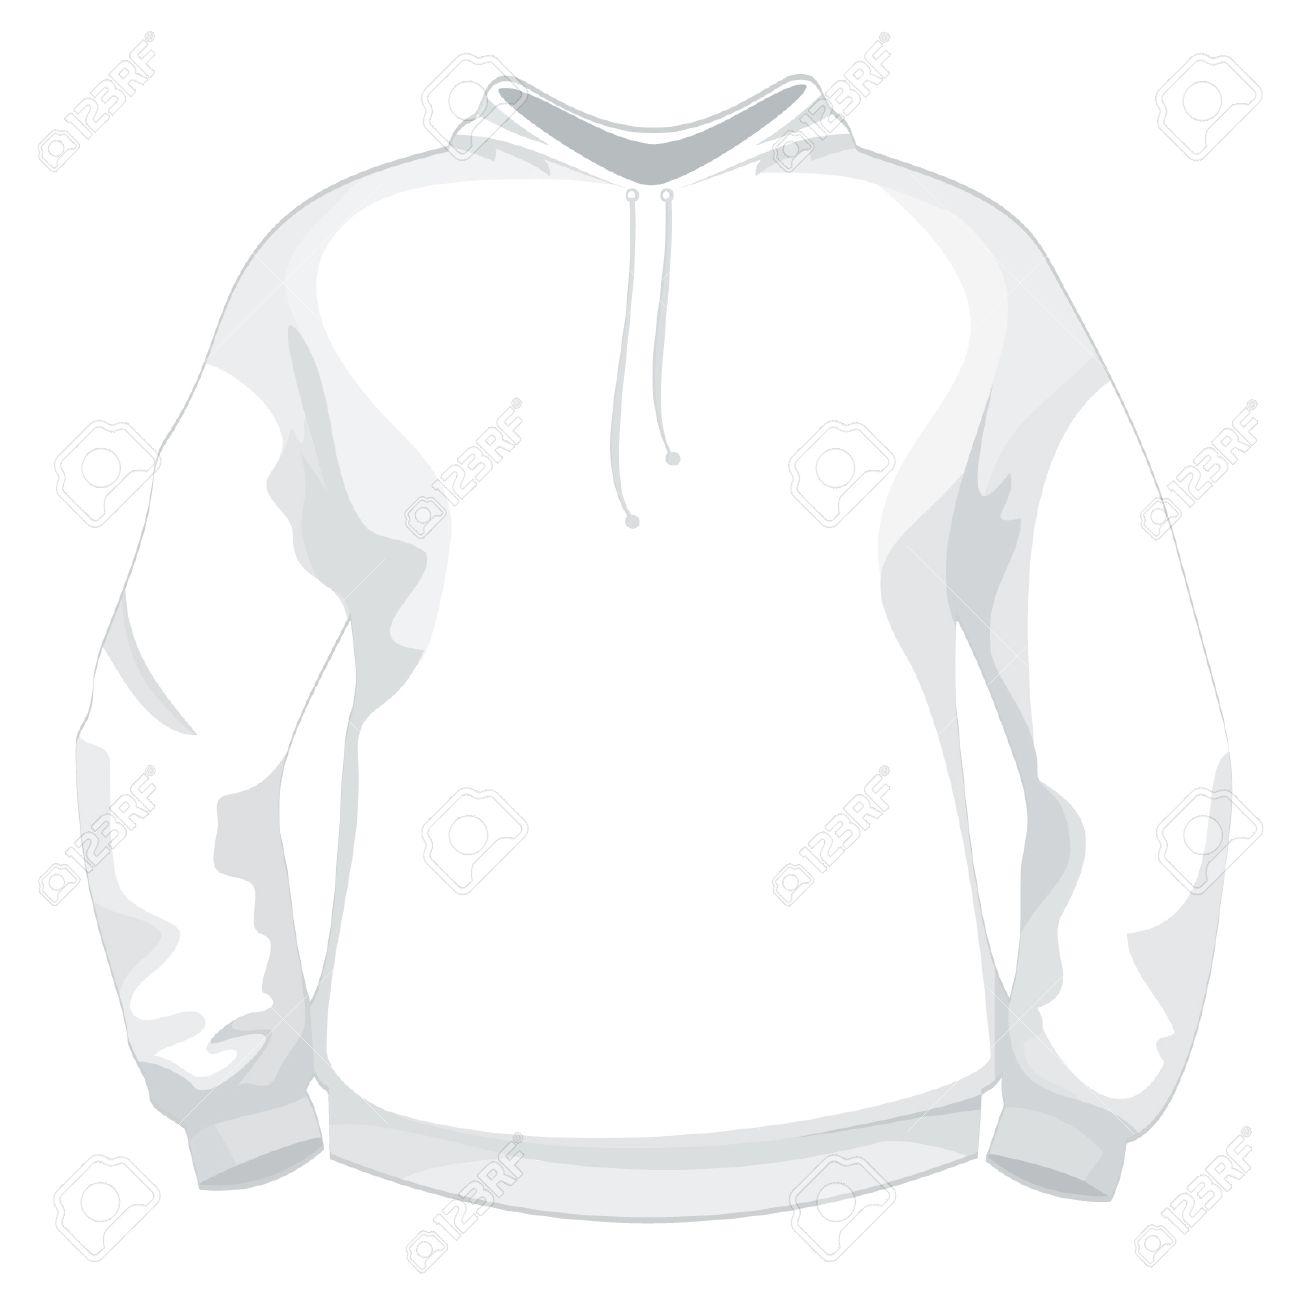 Weiße Jacke Oder Pullover Design-Vorlage Lizenzfrei Nutzbare ...